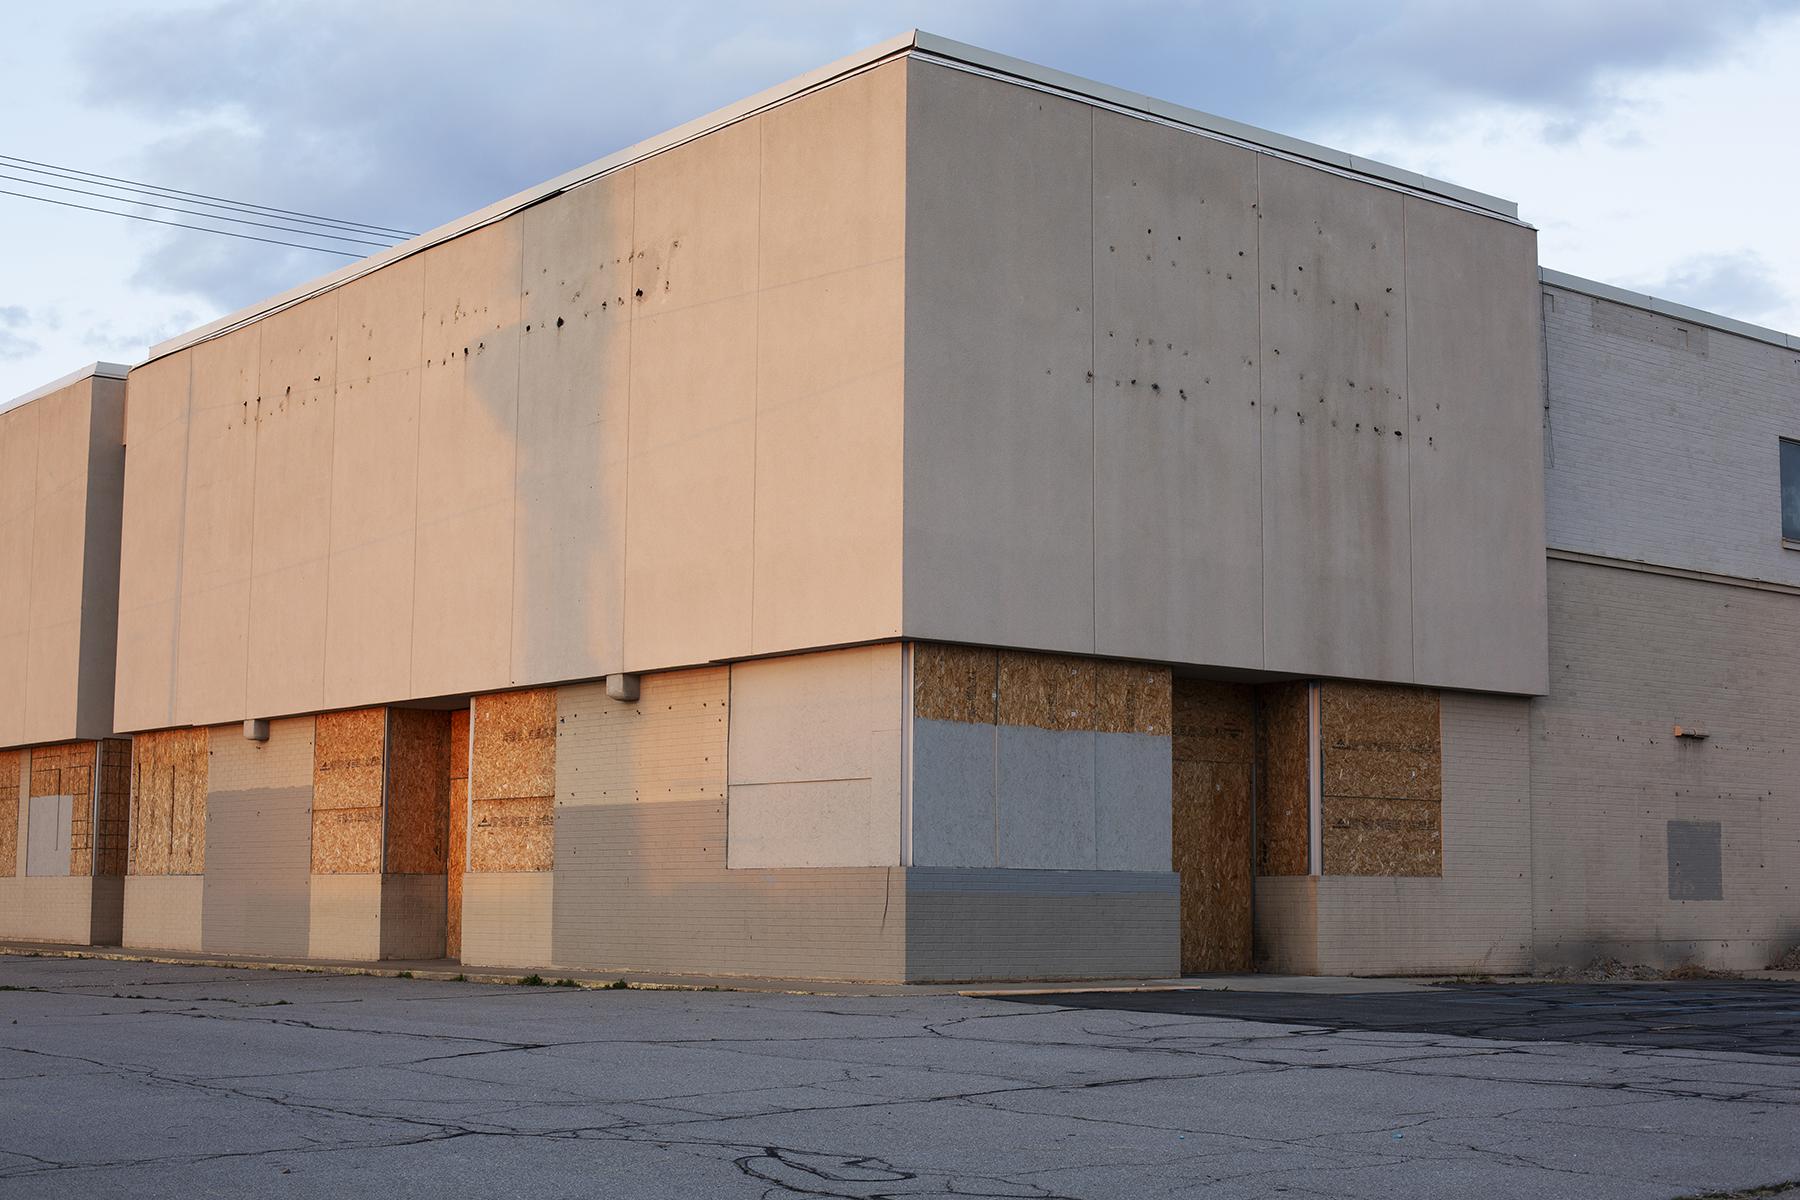 Department Store, Araceli Haslam